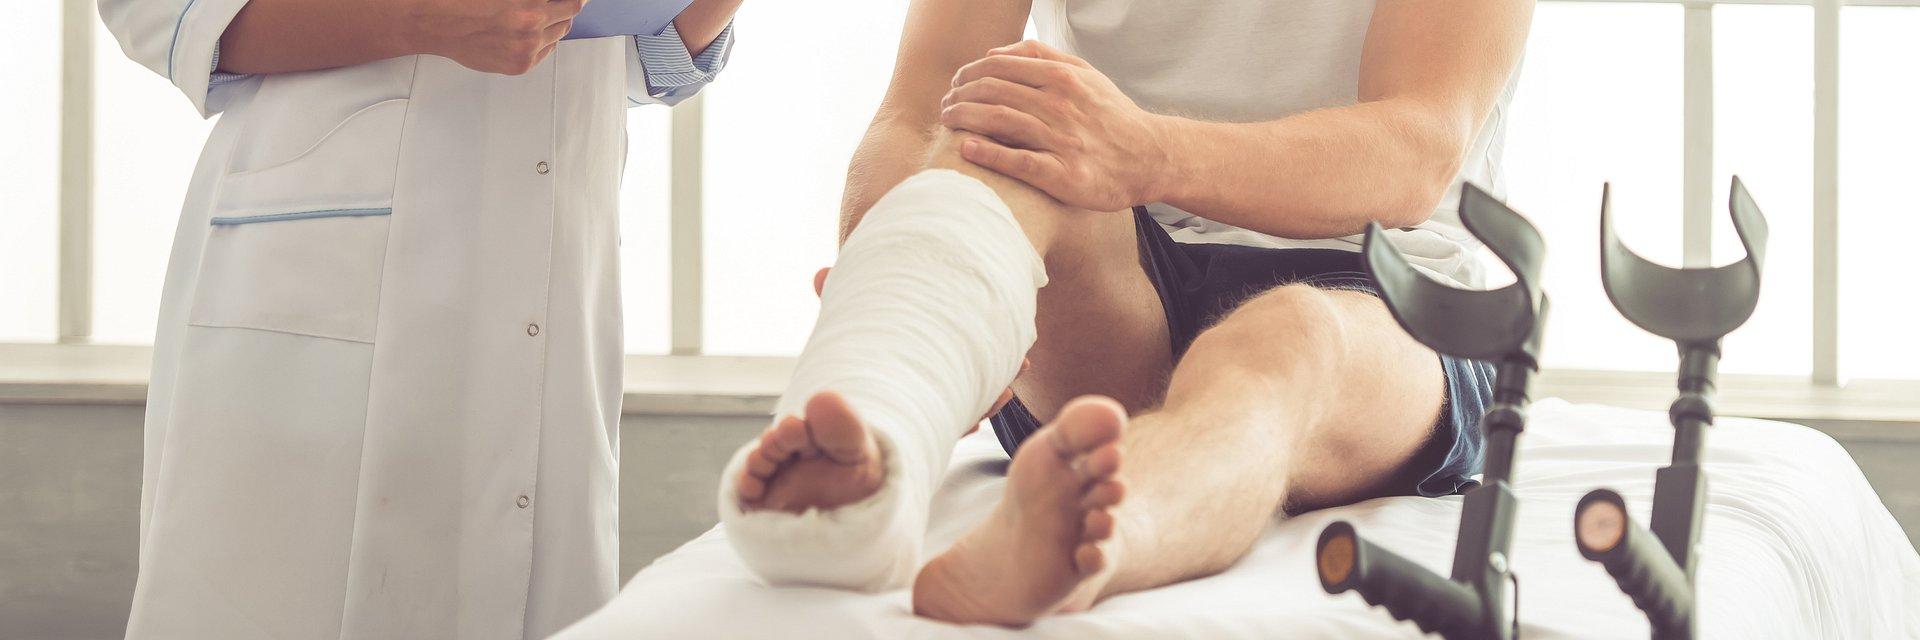 Schorzenia ortopedyczne można leczyć osoczem bogatopłytkowym